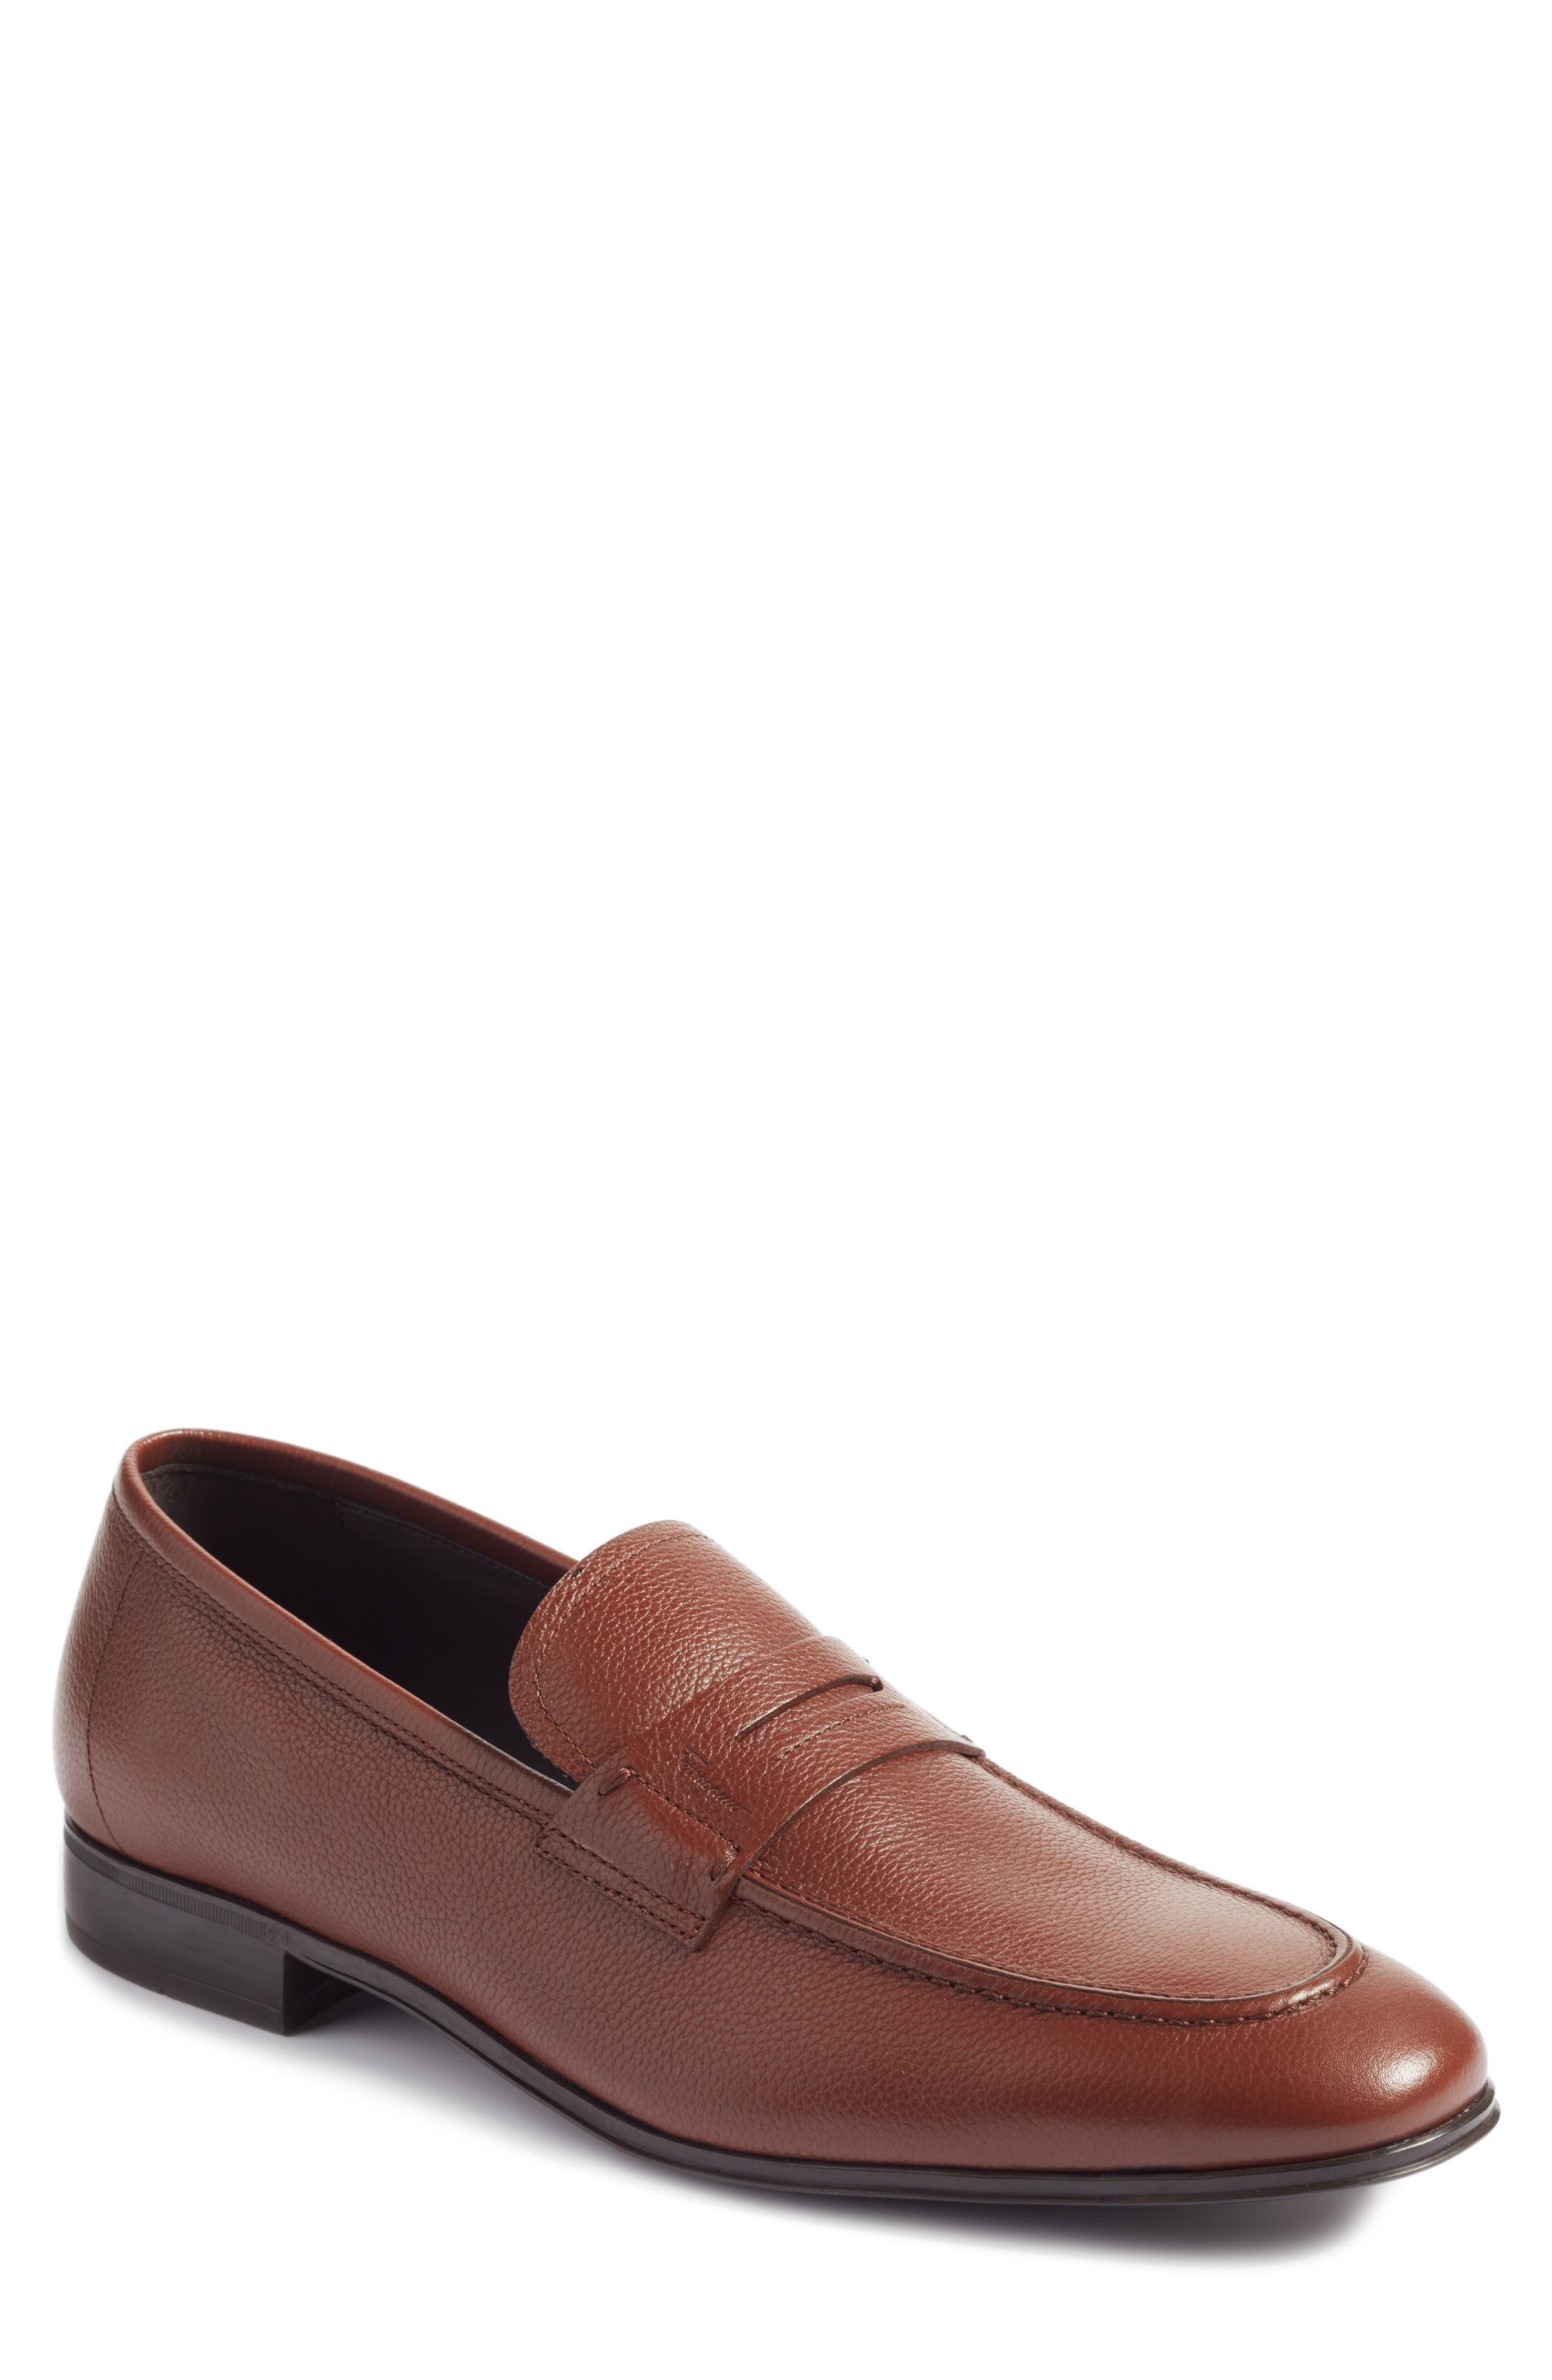 Fiorino 2 Penny Loafer,                         Main,                         color, Dark Cuoio Leather